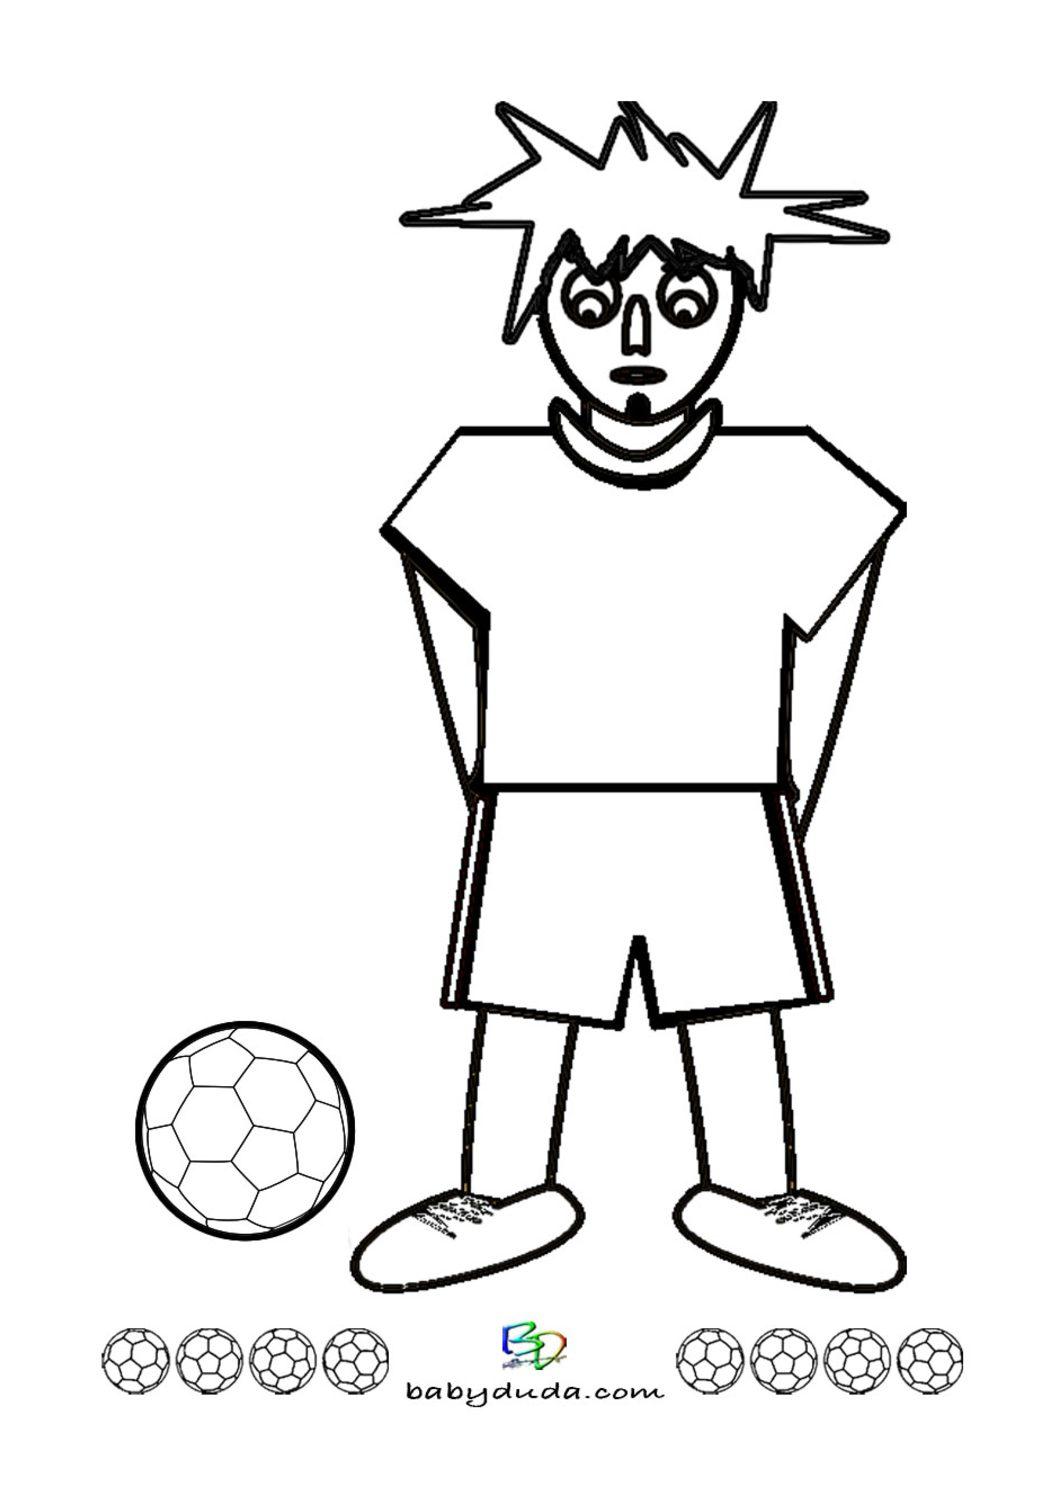 Ungewöhnlich Malvorlagen Für Jungen Fußballspieler Ideen ...